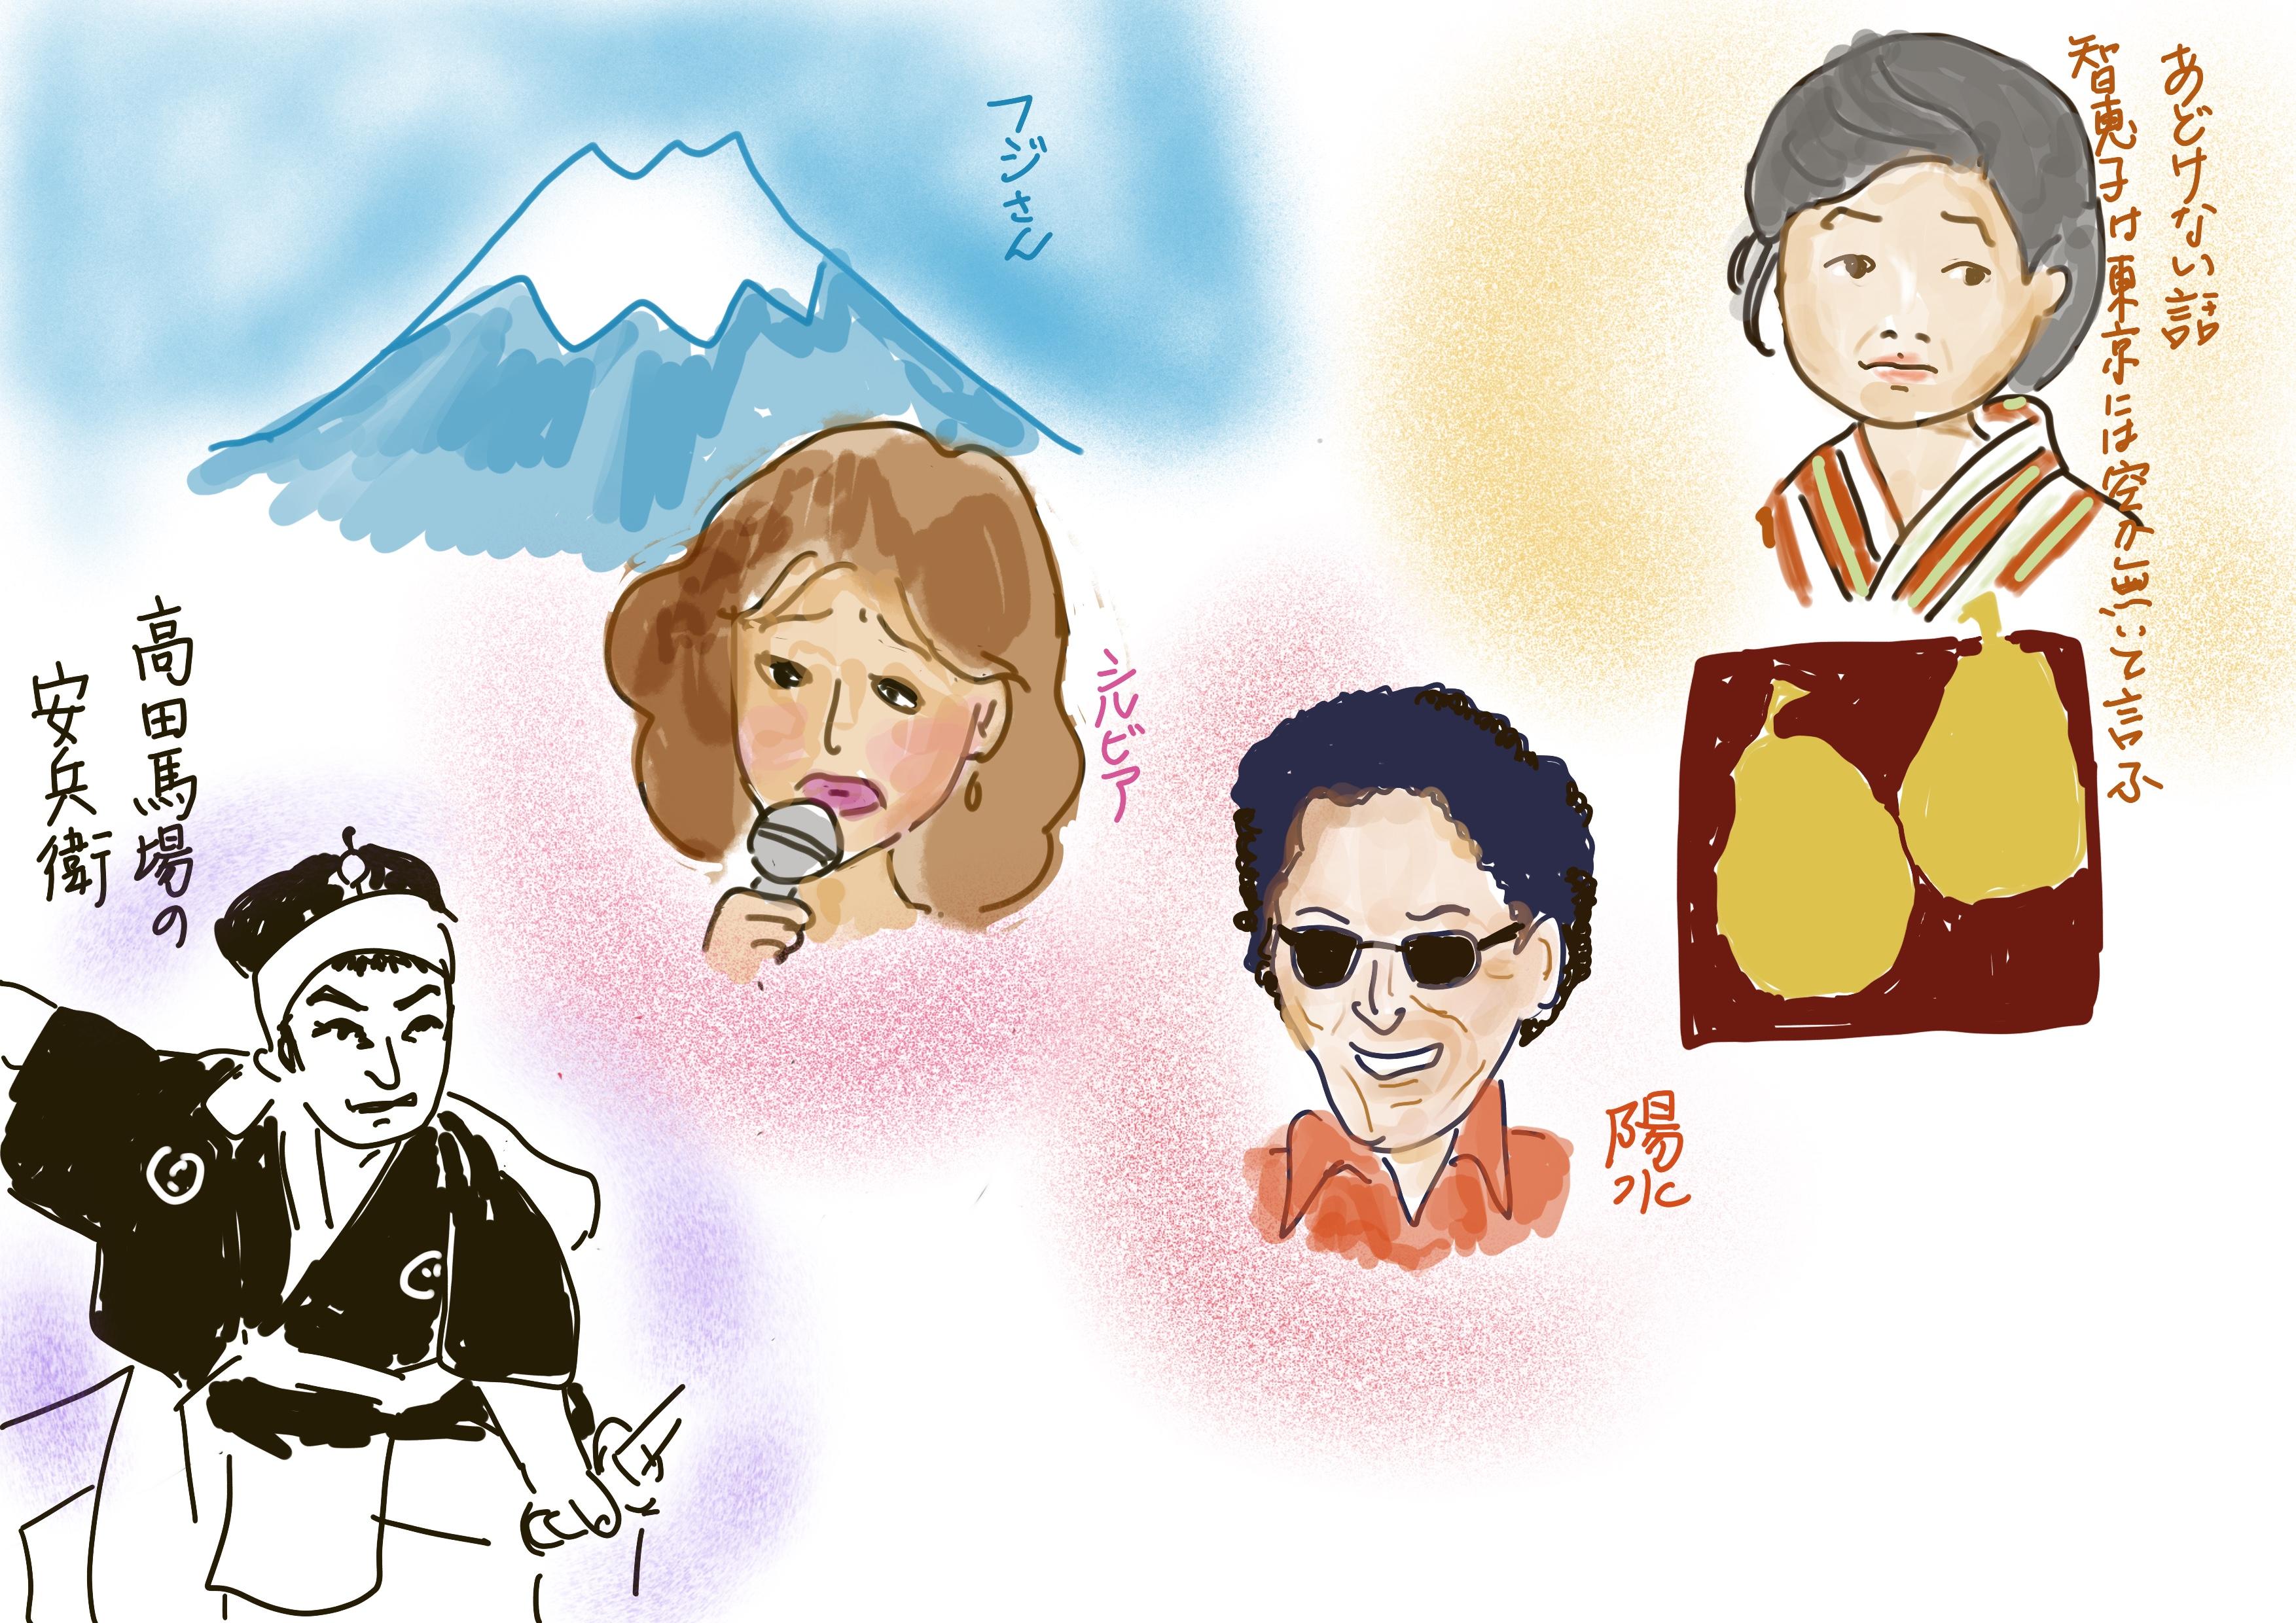 みさ日記2019/02/03「東京は楽しいな」「フジさん」「智恵子の嘘」